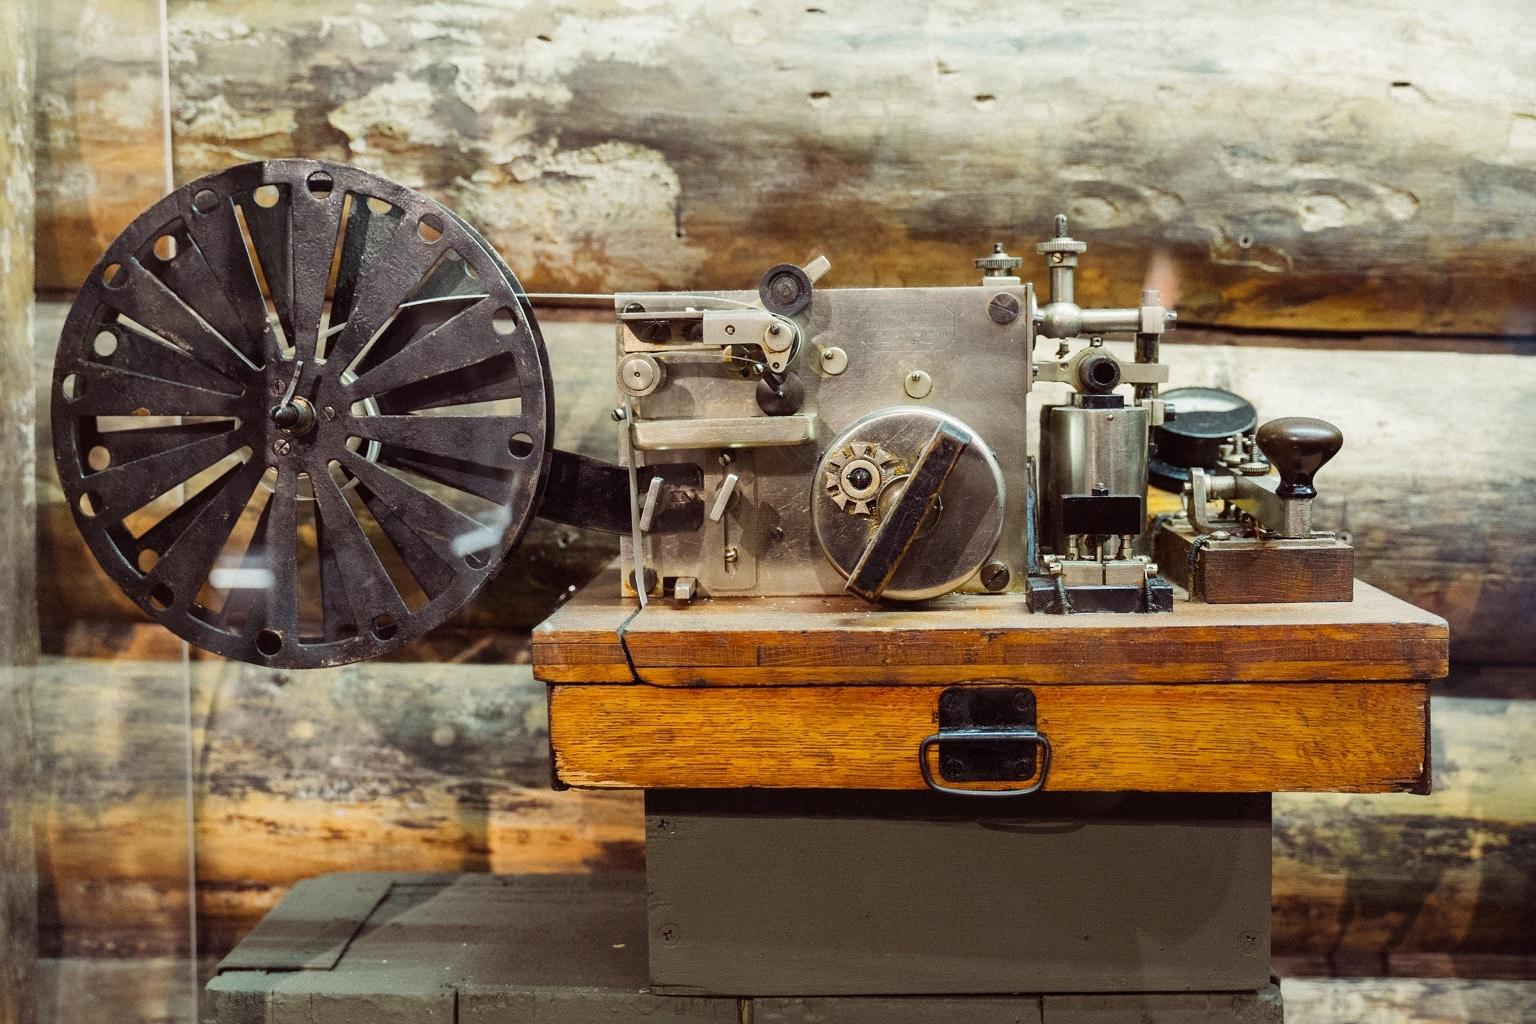 primer aparato codigo morse